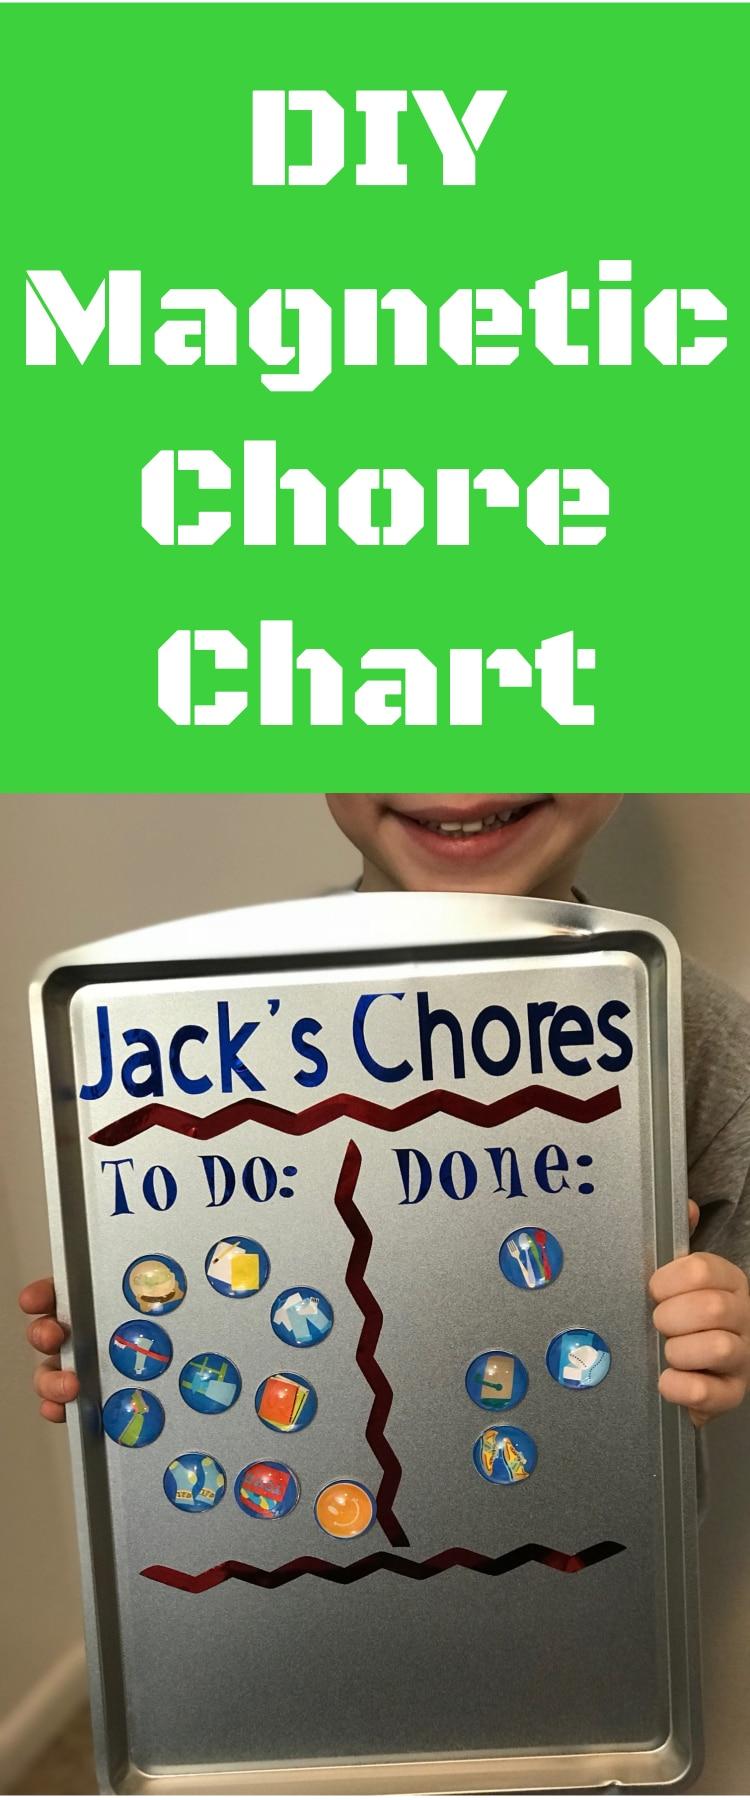 Chore Chart / DIY Chore Chart / Magnet Chore Chart / Cricut Chore Chart / Cricut Crafts #DIY #CricutMaker #CricutExploreAir via @clarkscondensed